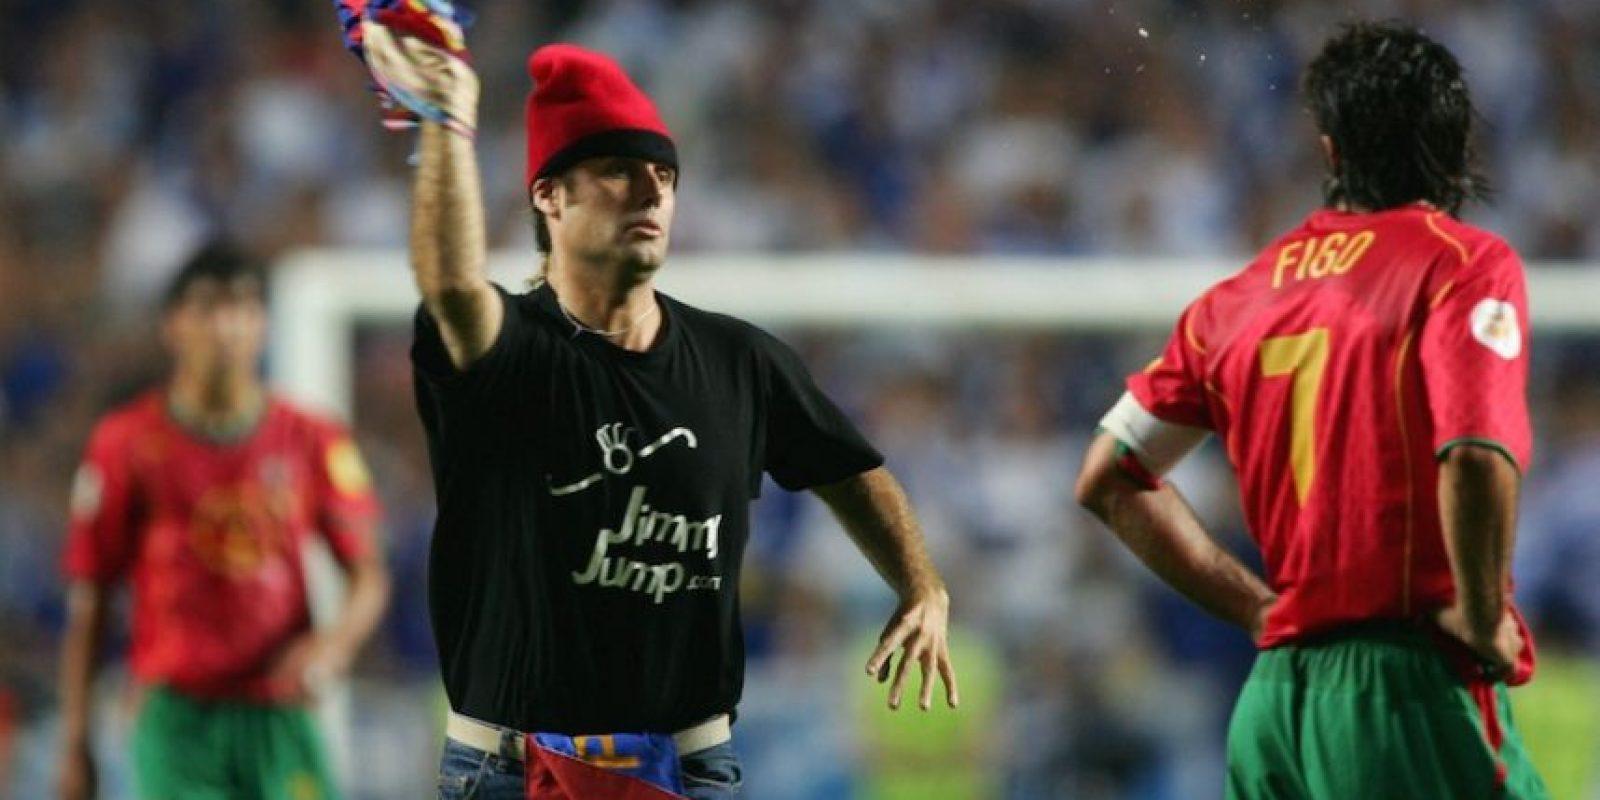 Durante la final de la Euro 2004, Jimmi invadió la cancha para aventarle una playera del Barcelona al portugués Luis Figo. Foto:Getty Images